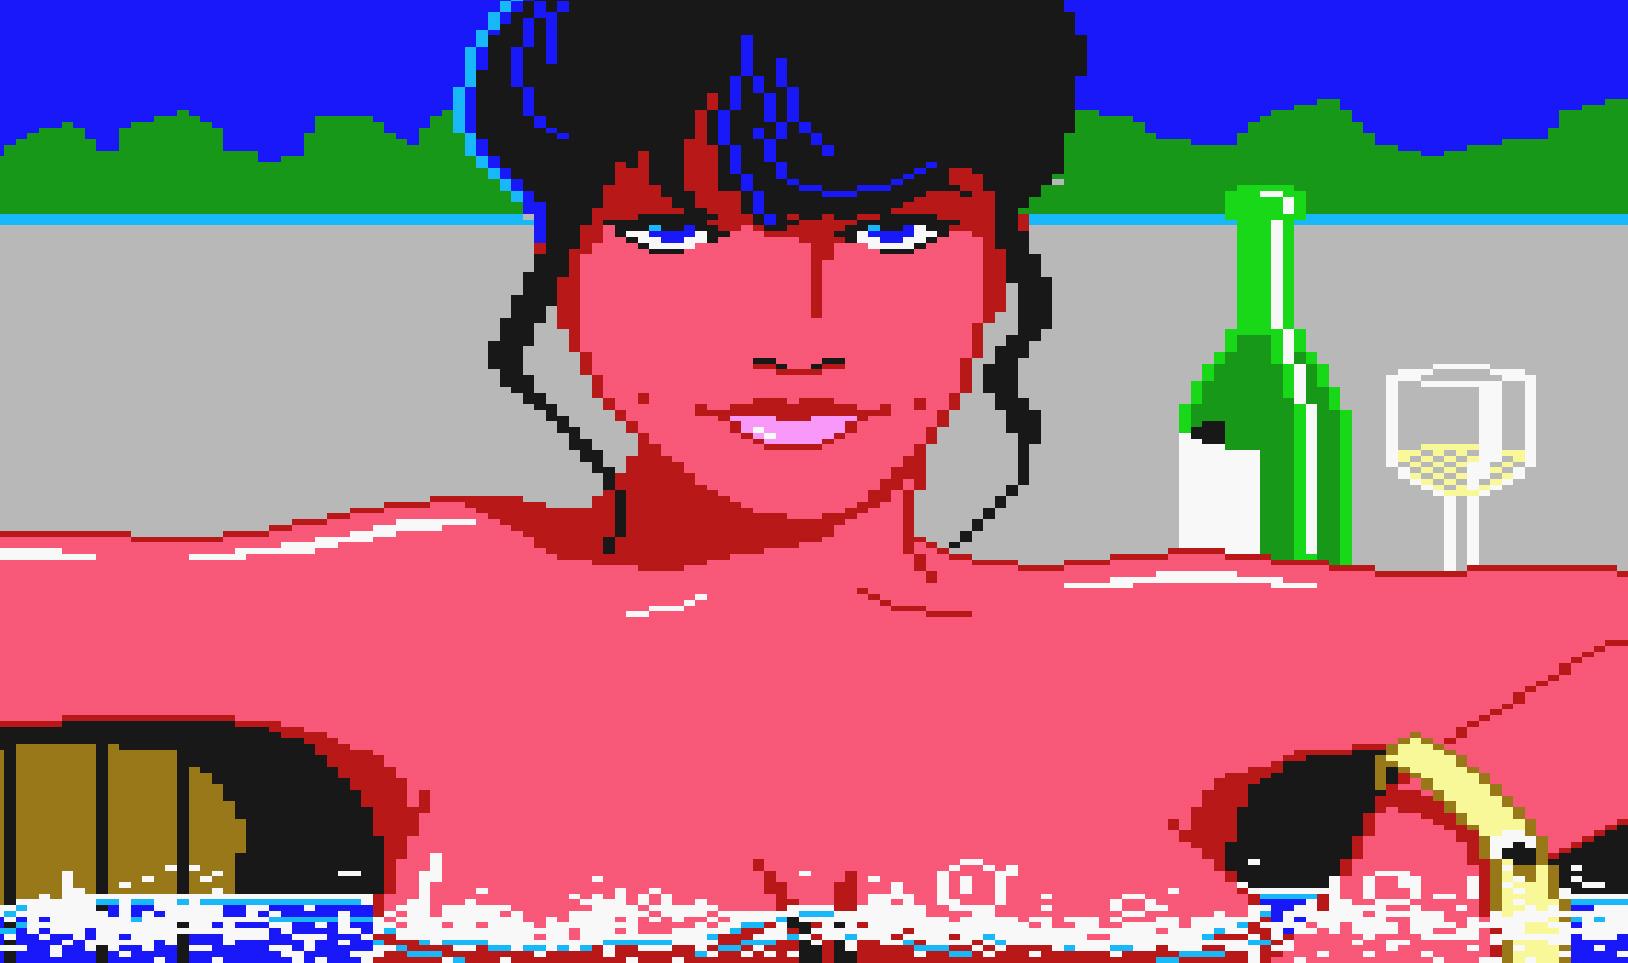 """Hat 1987 durch seine freizügigen Bilder und den schlüpfrigen Humor für Aufsehen gesorgt: Al Lowes Grafik-Adventure """"Leisure Suit Larry in the Land of the Lounge Lizards""""."""